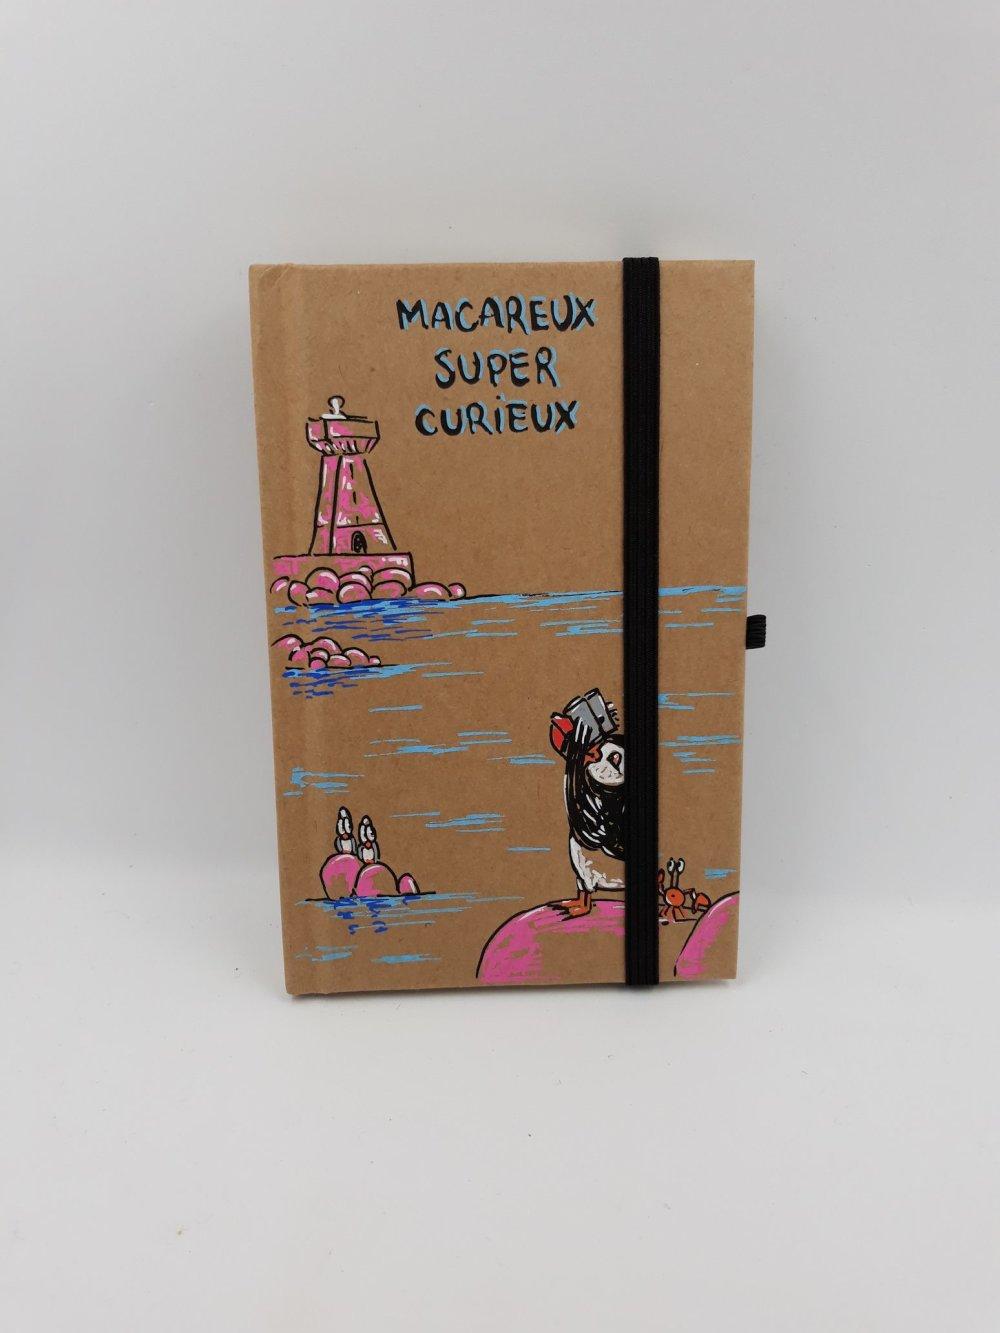 Carnet de voyage, carnet de notes, journal intime - Macareux super curieux